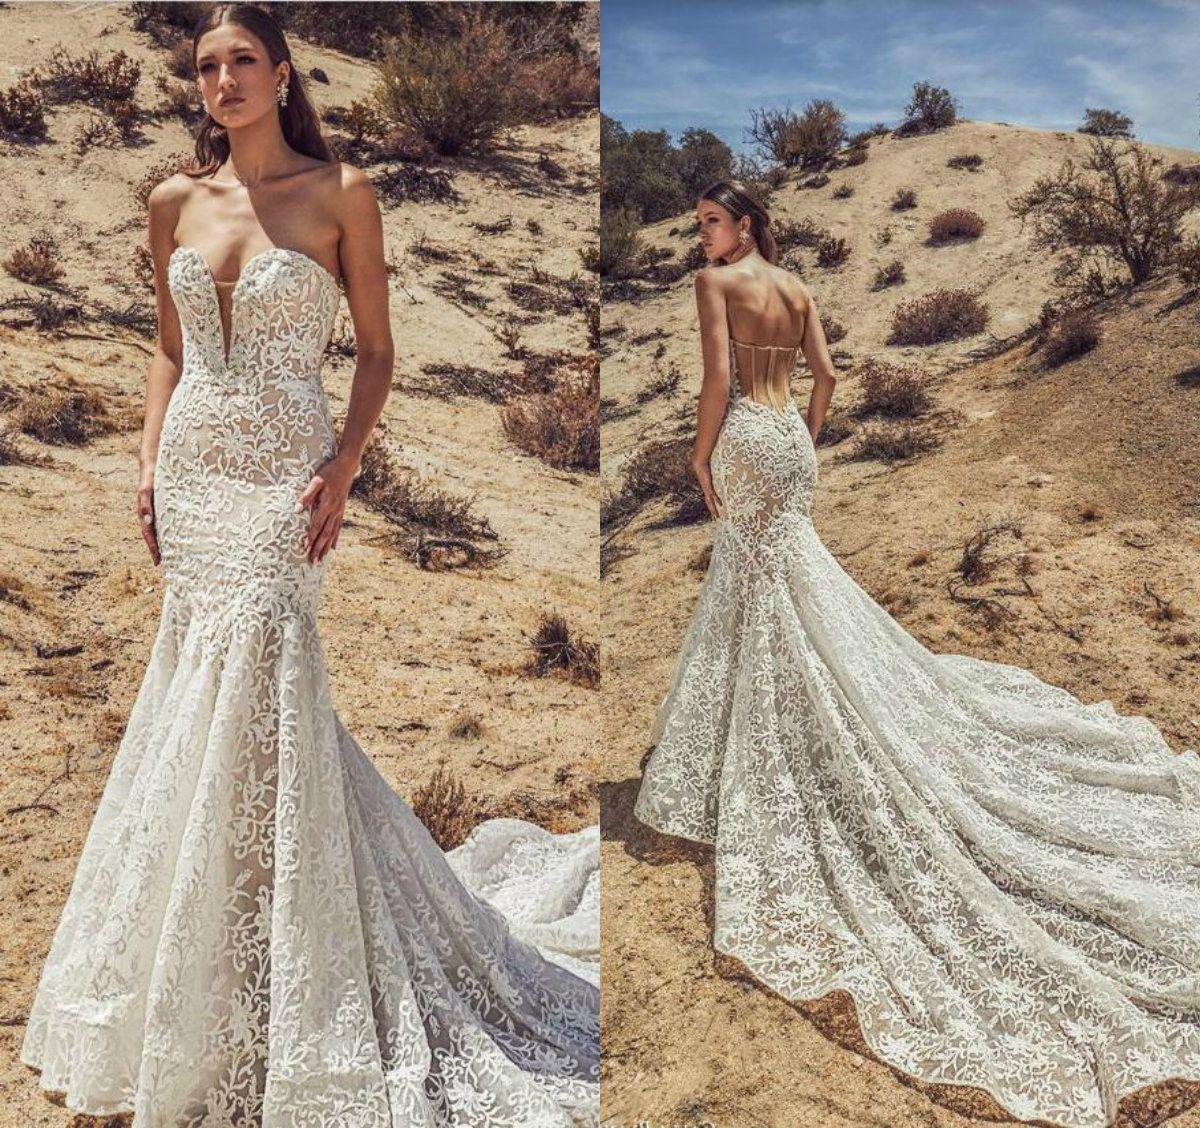 Compre 2019 Vestidos De Novia Vestido De Novia Apliques Por Encargo De La Playa De La Sirena De La Boda Vestidos De Novia De Corte Del Cordón Del Tren